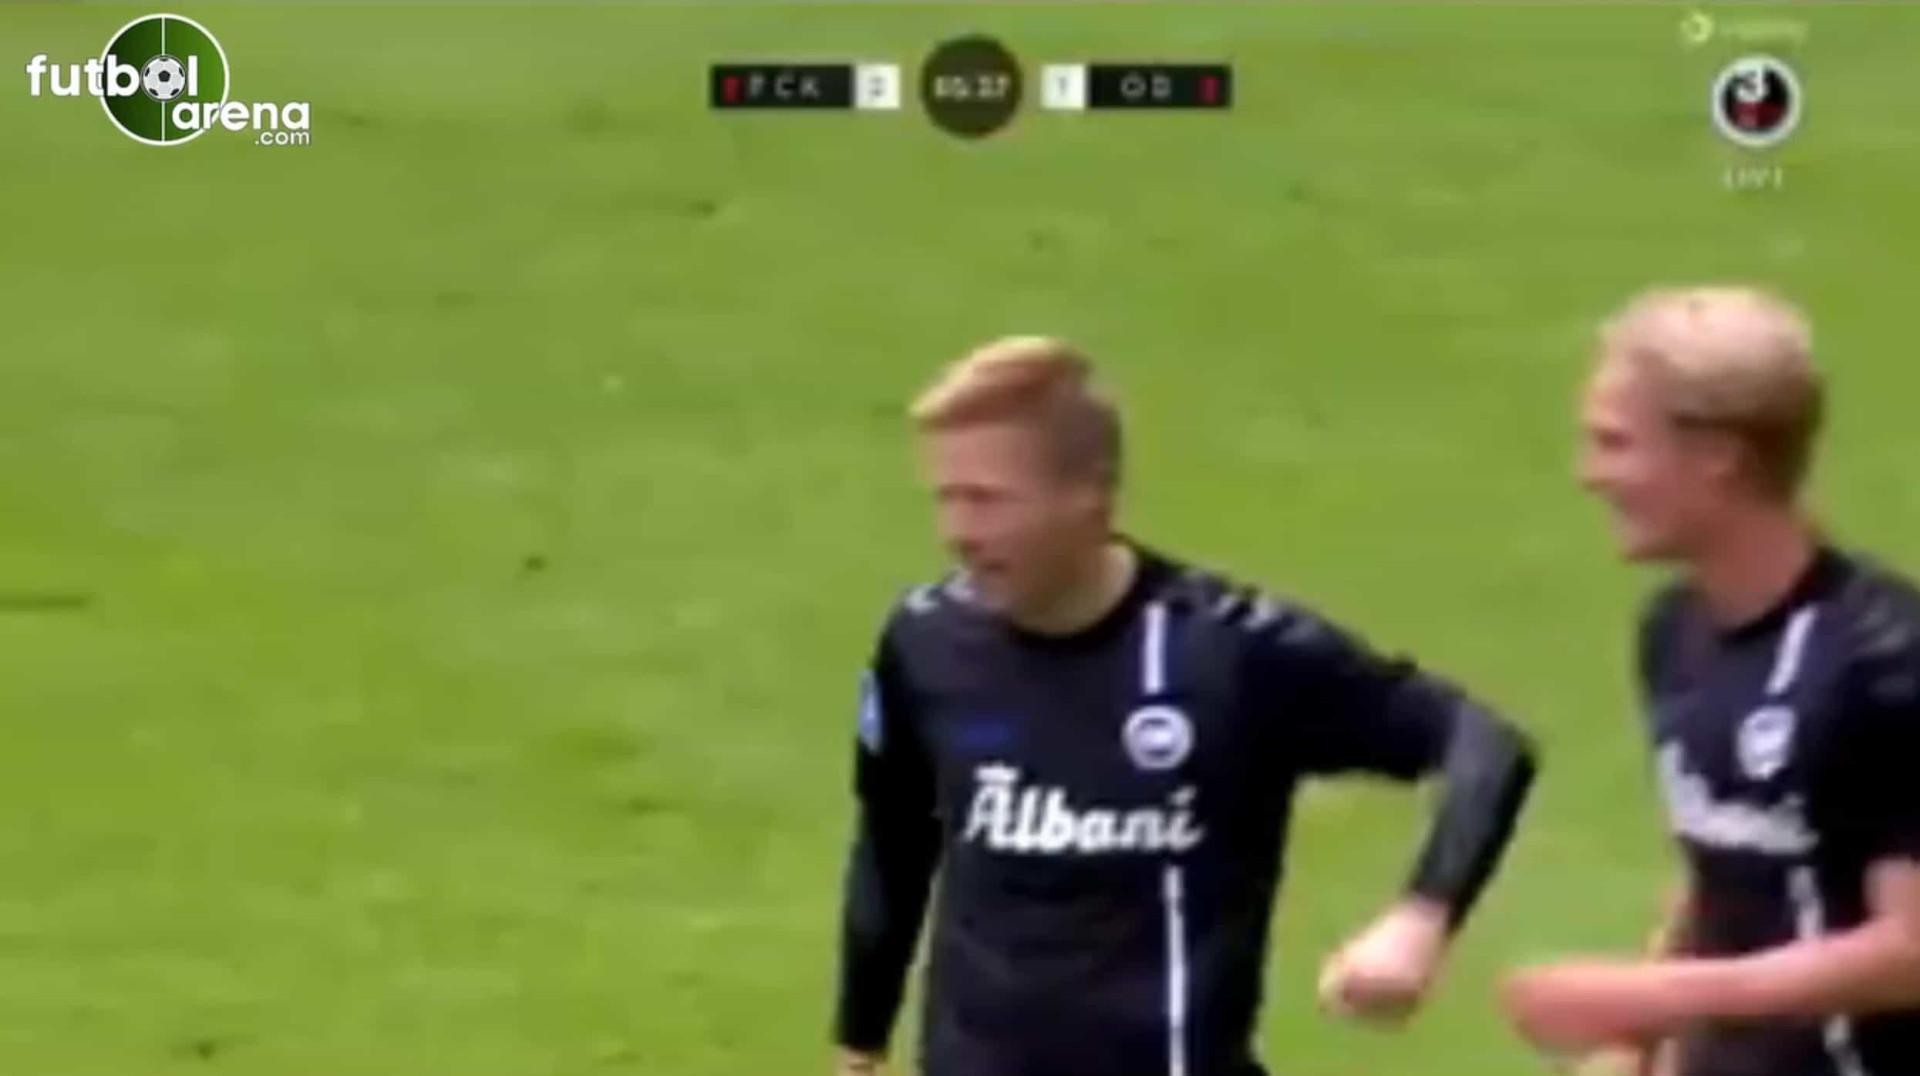 Aos 40 anos, adjunto do Odense entra em campo e marca golaço